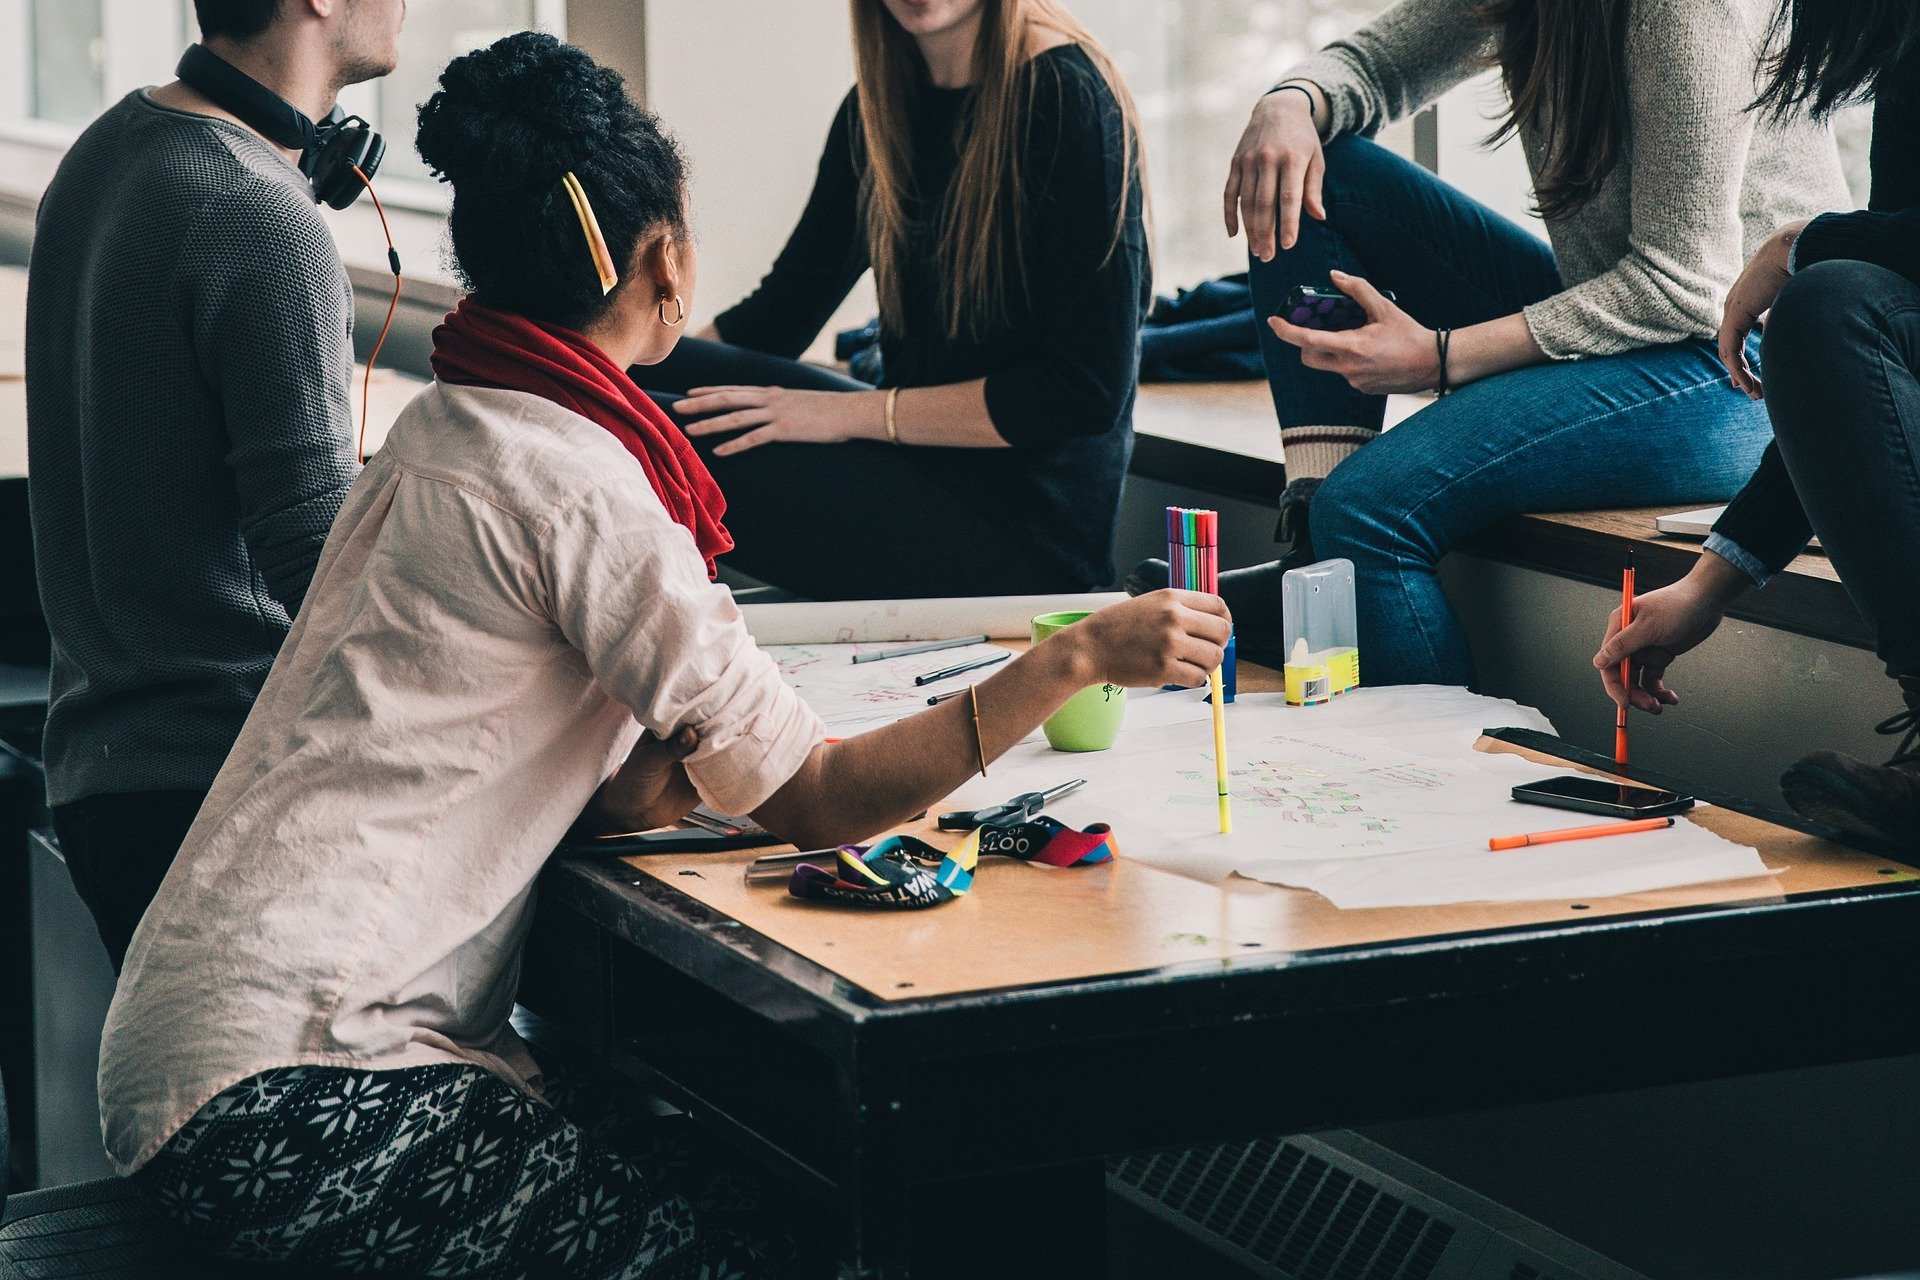 L'intervention en groupe visant la prévention de l'anxiété devant le choix de carrière